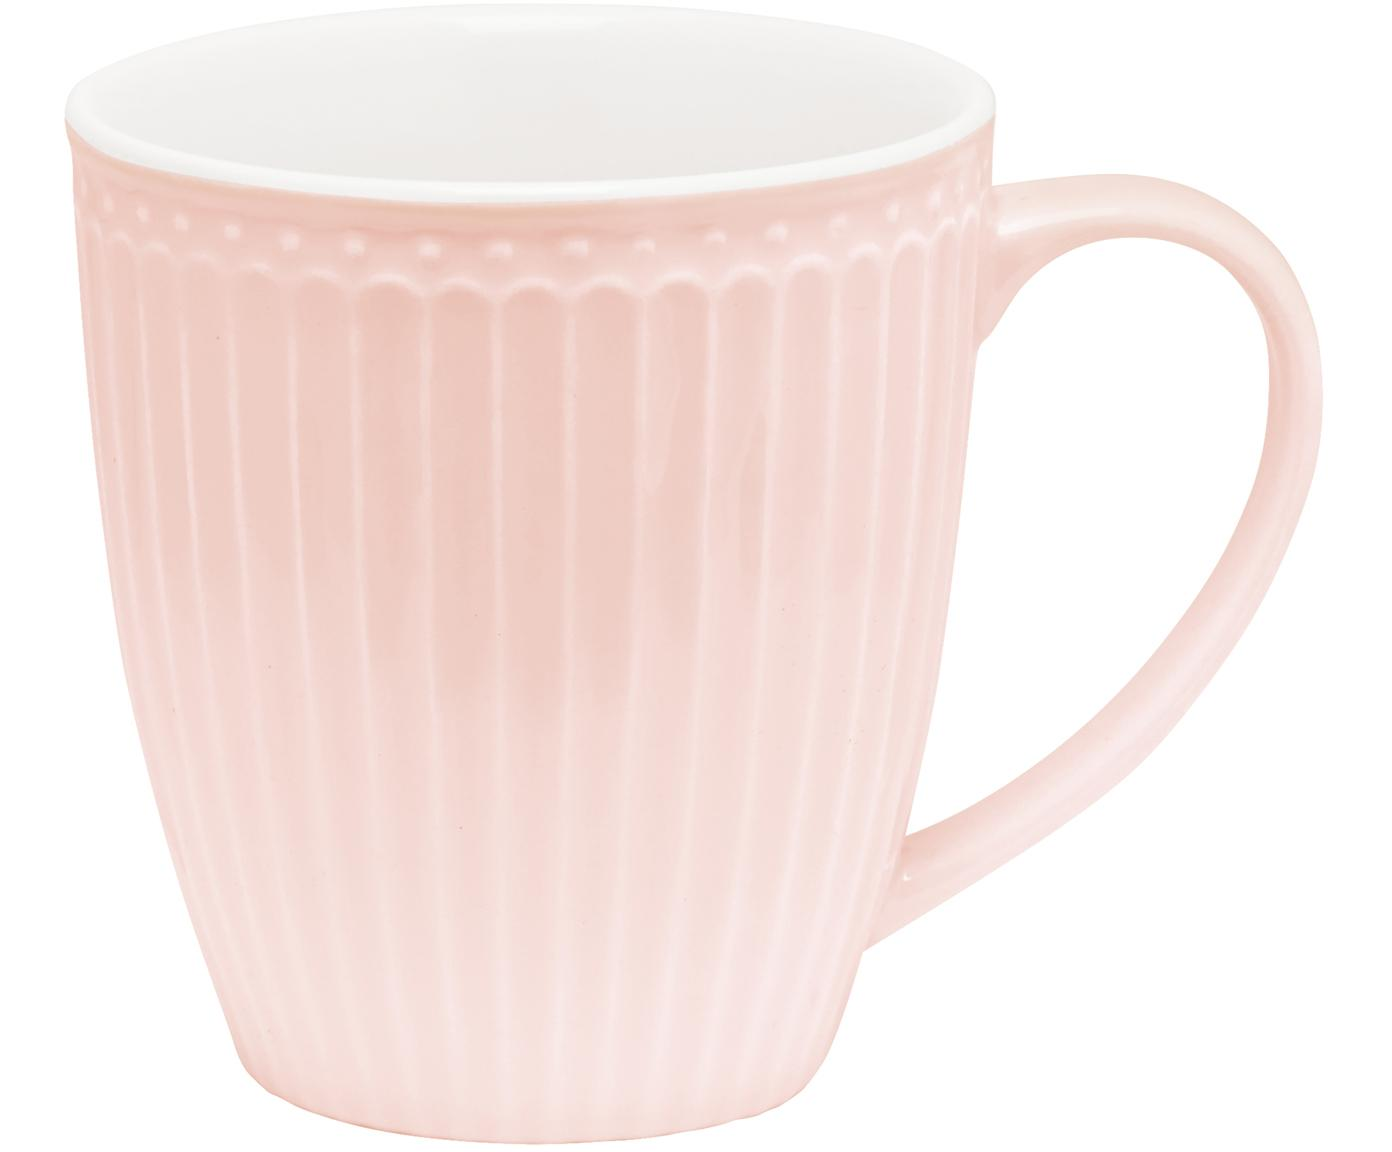 Handgemachte Tassen Alice in Rosa mit Reliefdesign, 2 Stück, Steingut, Rosa, Ø 10 x H 10 cm